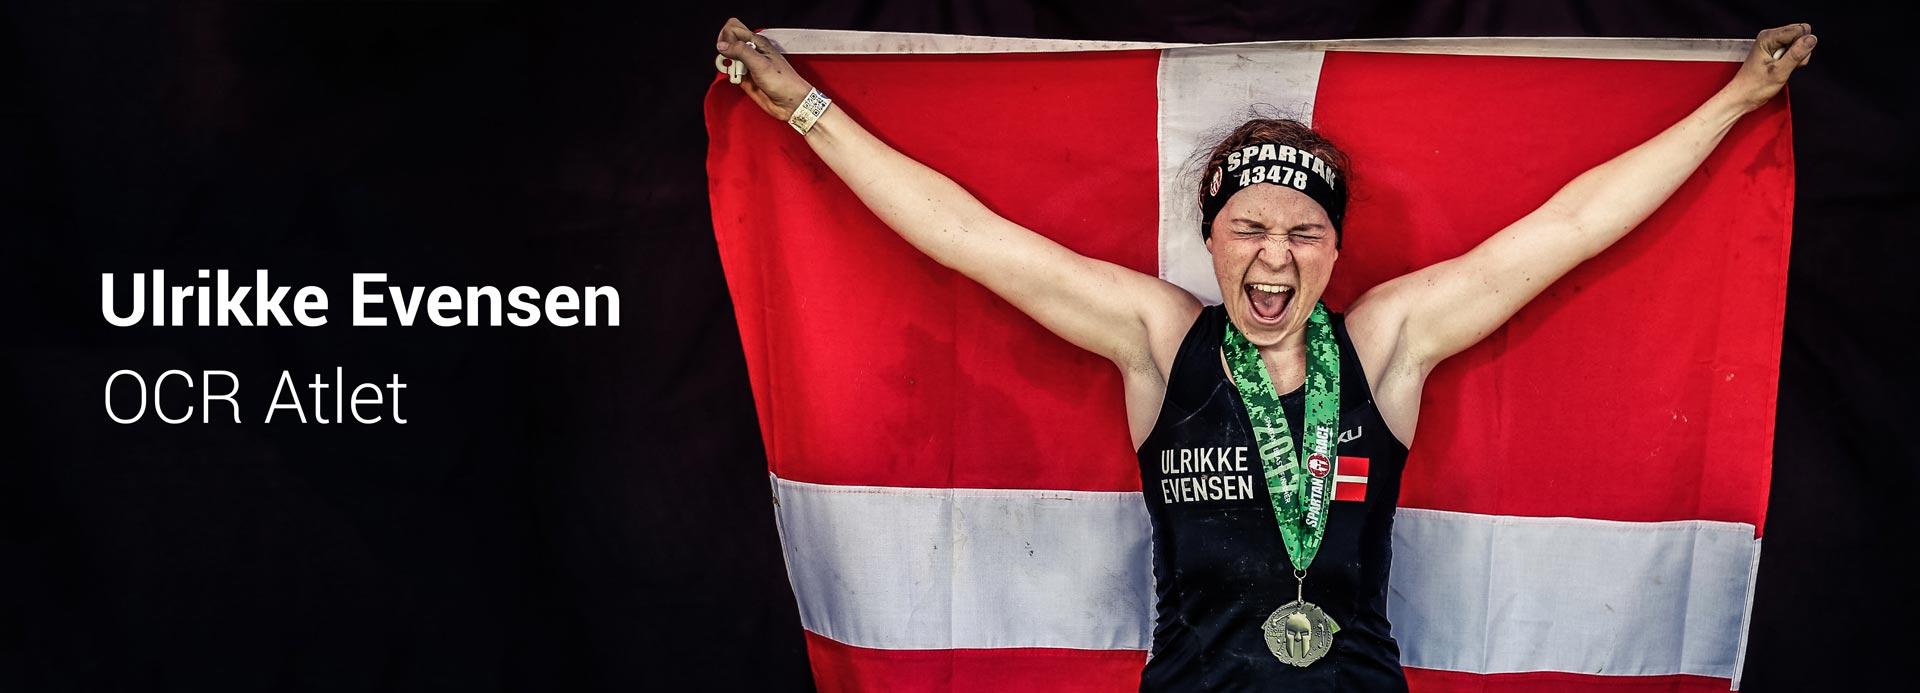 K-Laser Scandinavia sponsoreret atlet Ulrikke Evensen